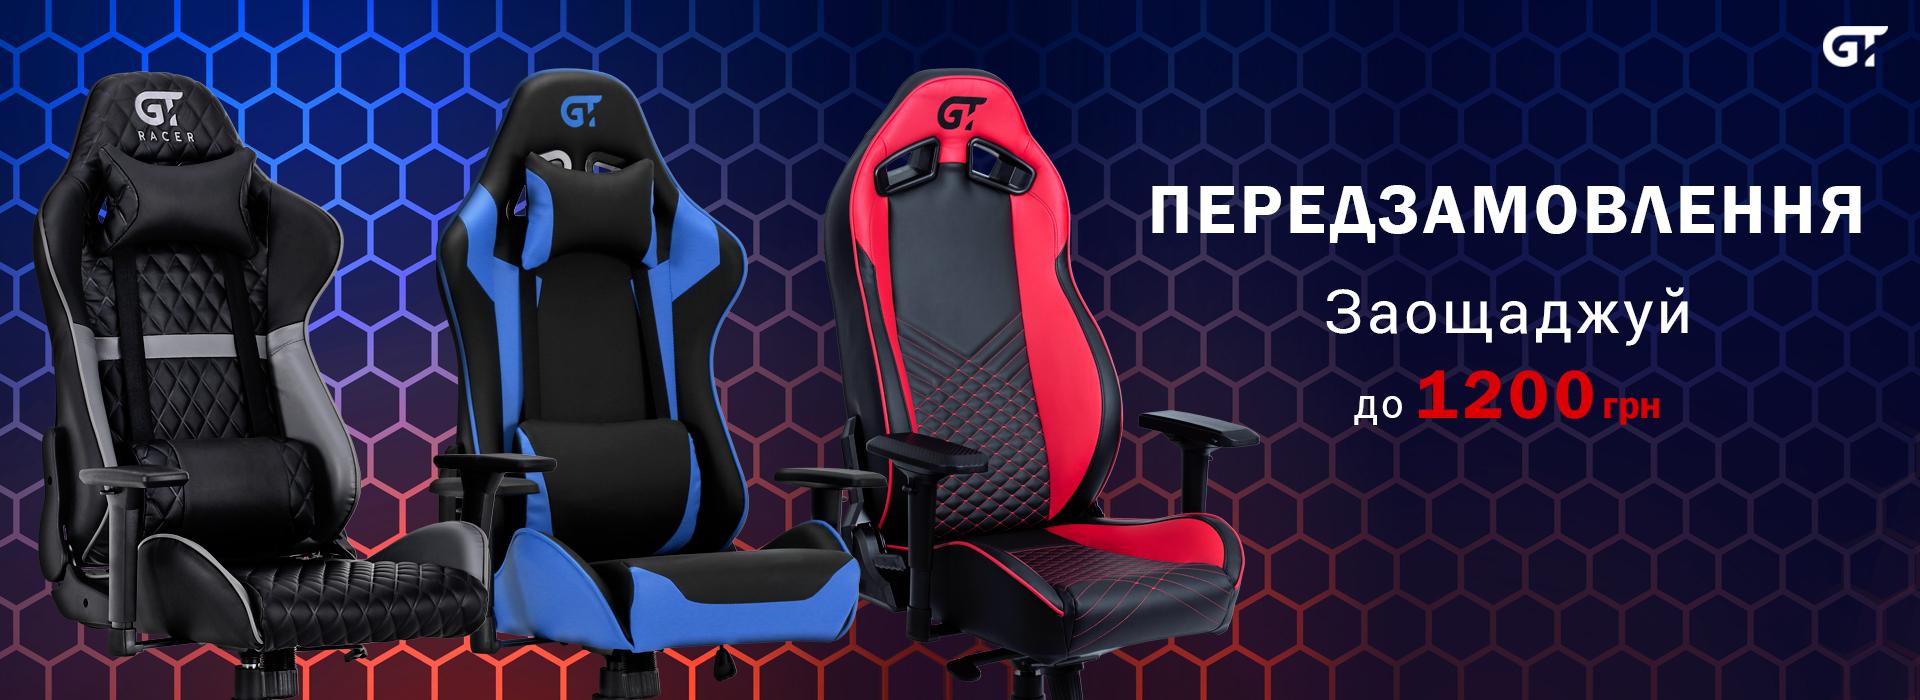 Передзамовлення за вигідними цінами на геймерскі крісла Gt Racer